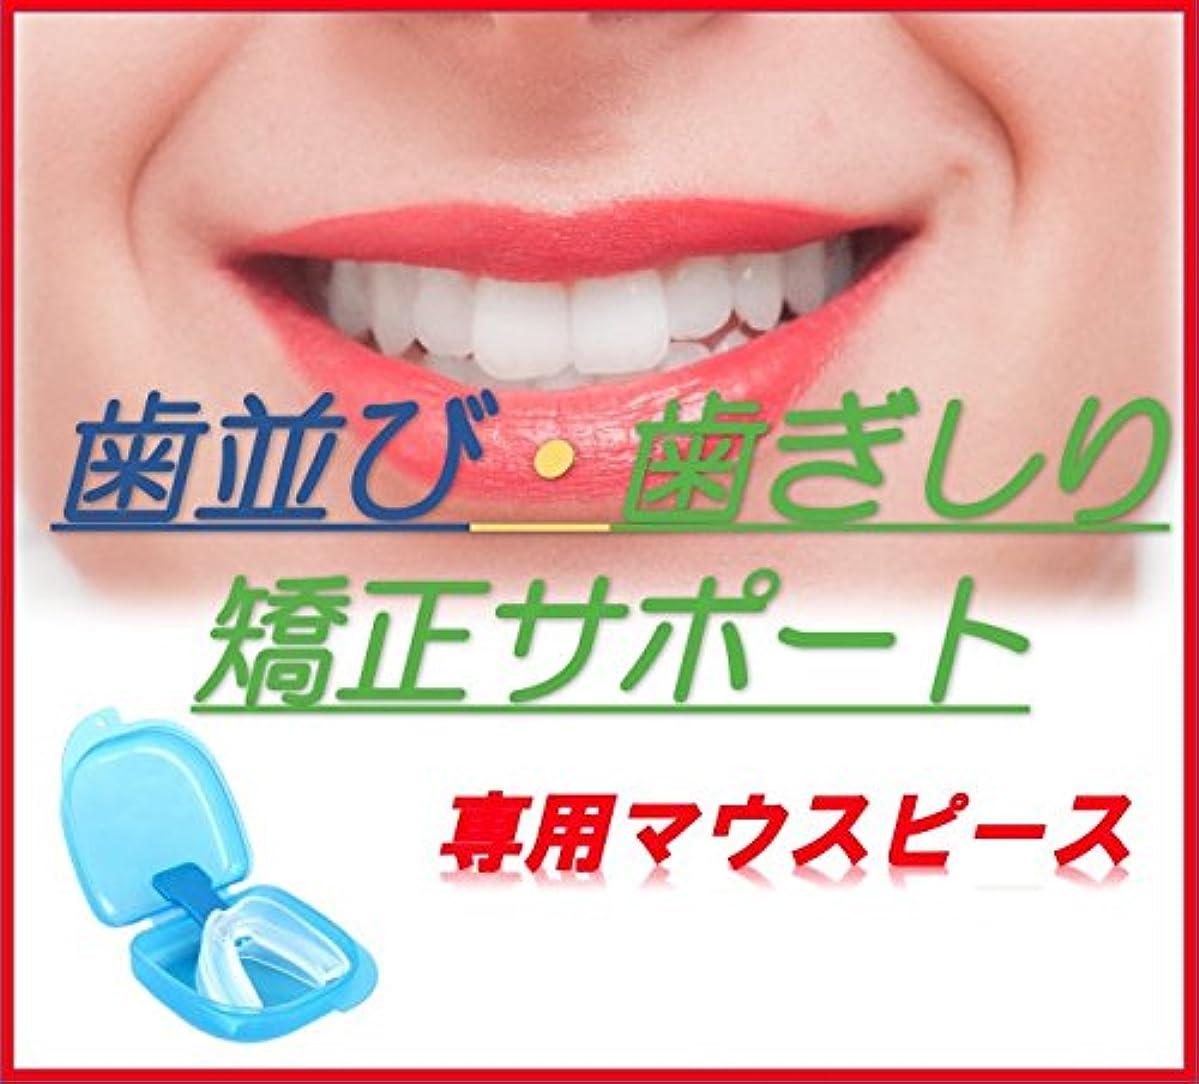 ガロンずんぐりした食用[NET-O] 歯並び 歯ぎしり 矯正 サポート 専用マウスピース お得用セットあり (3set)